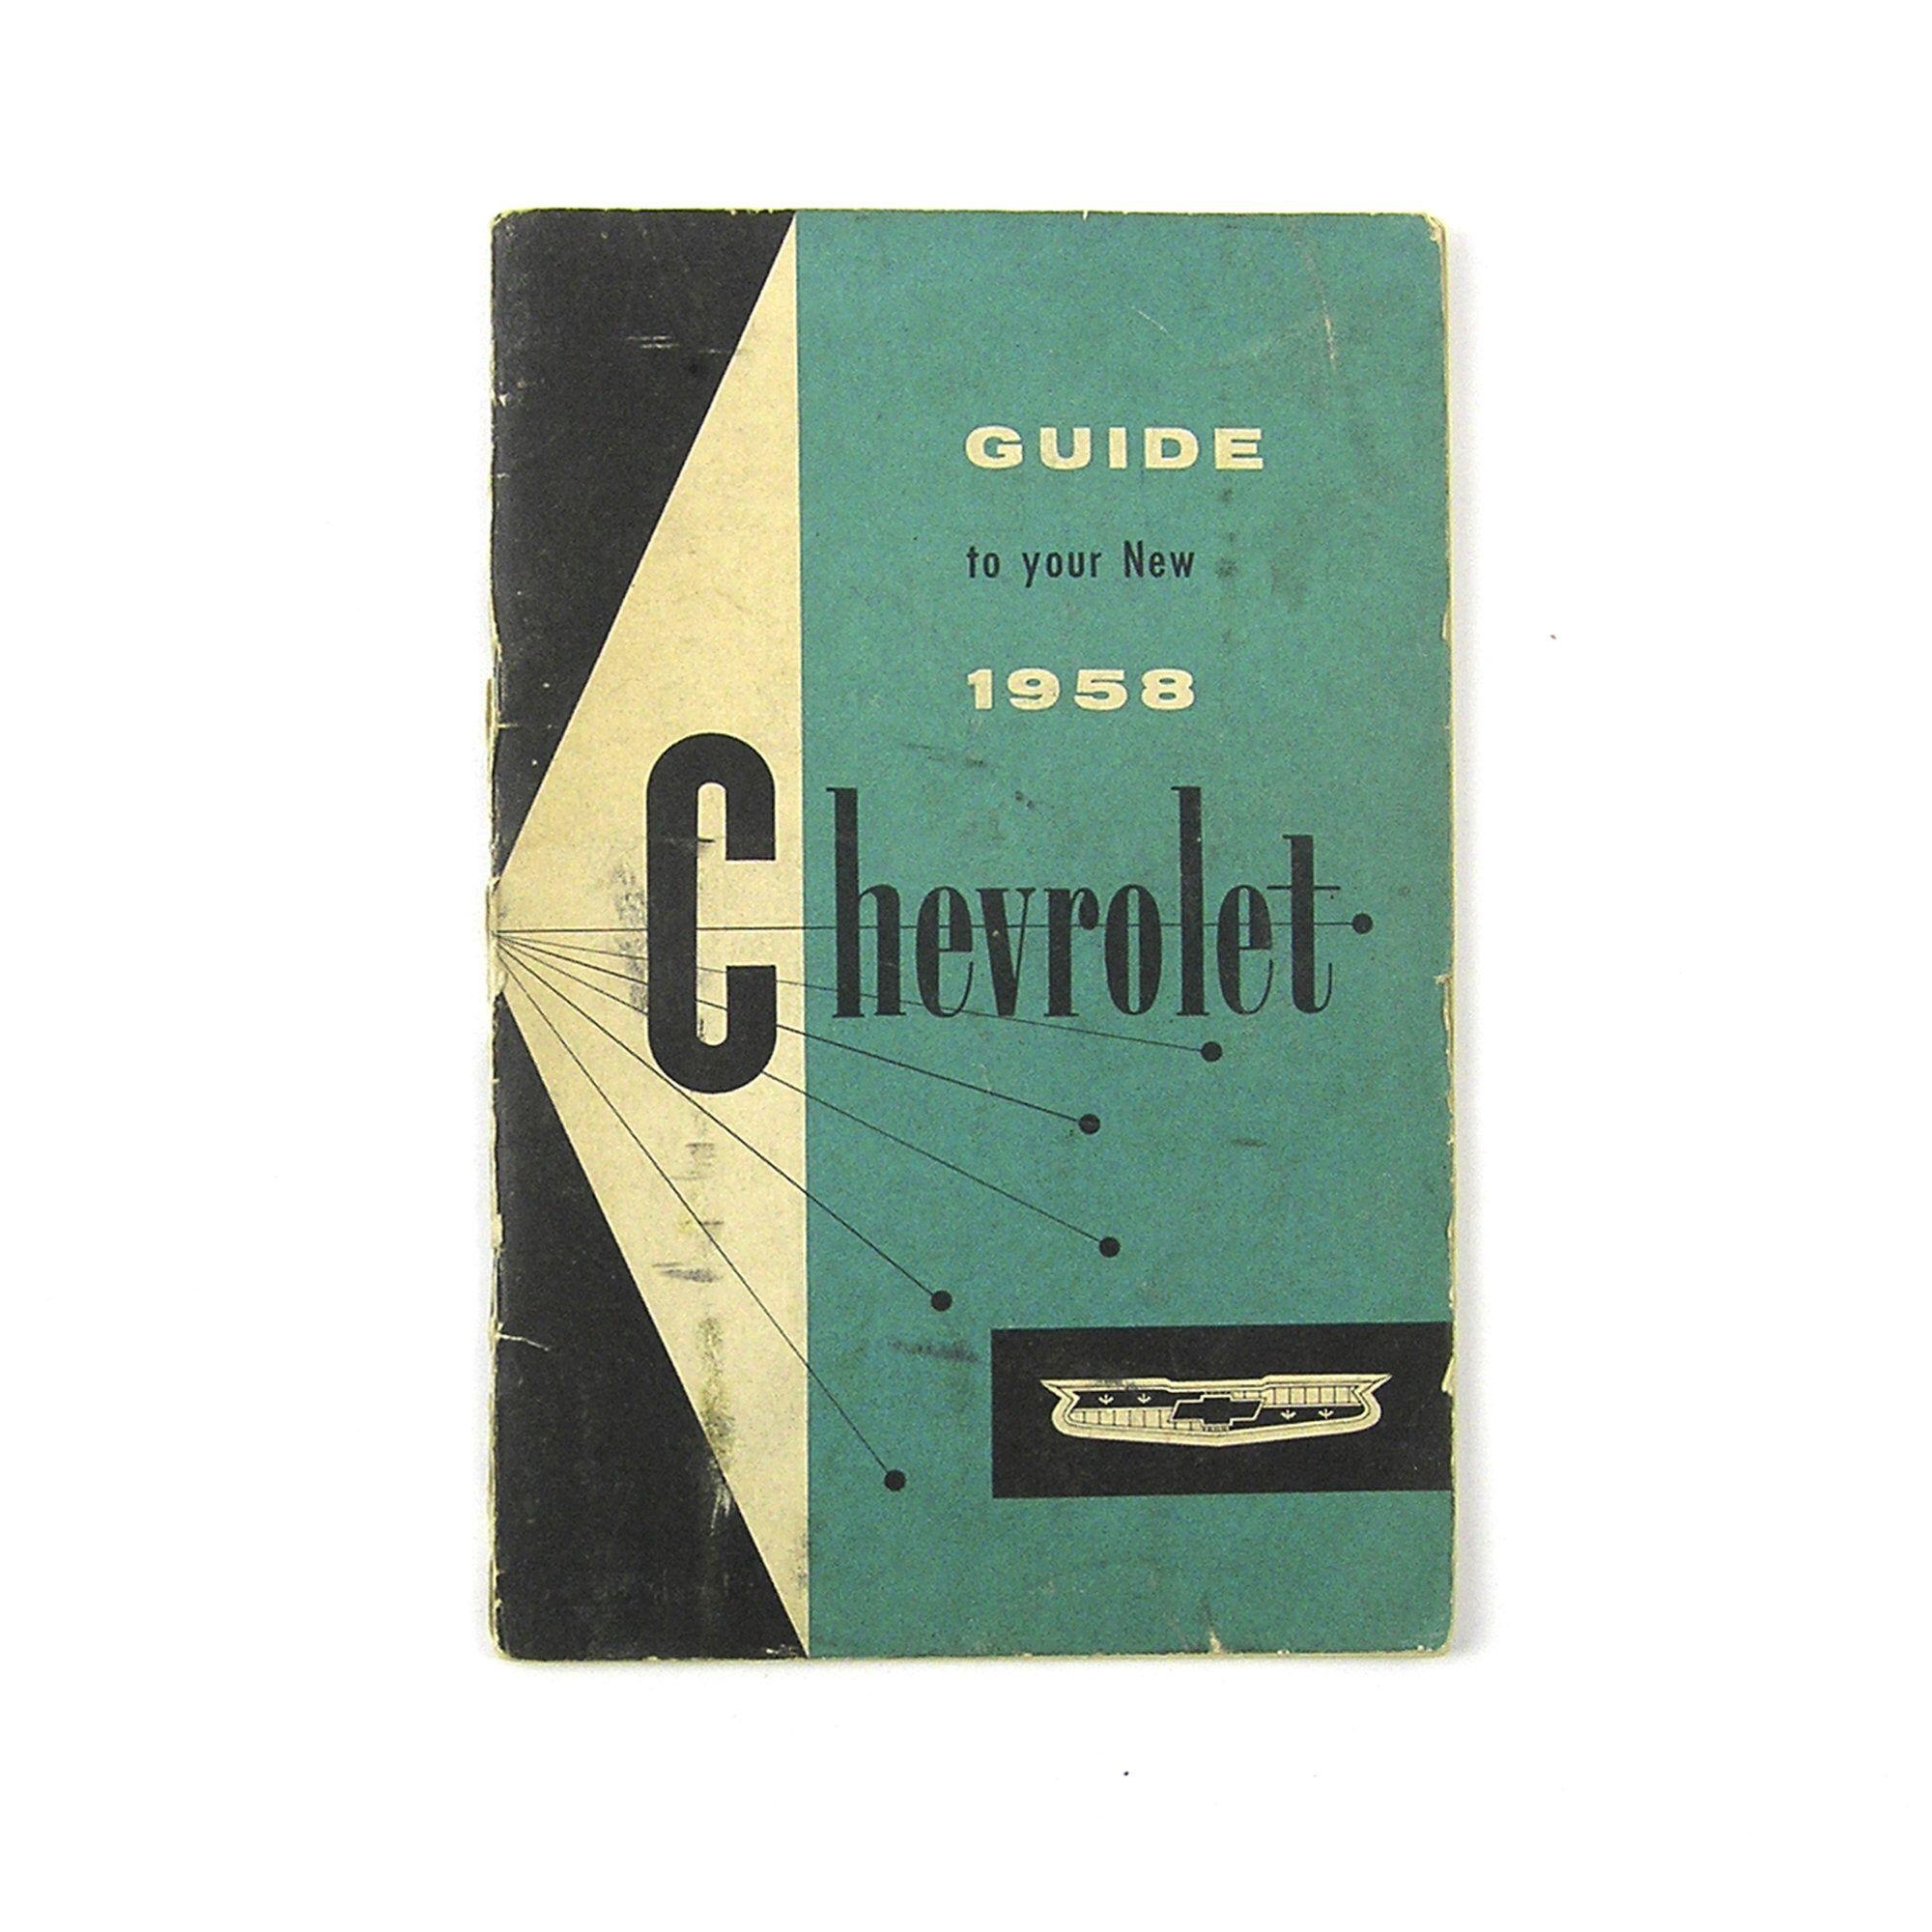 Buy 1958 Manual Guide